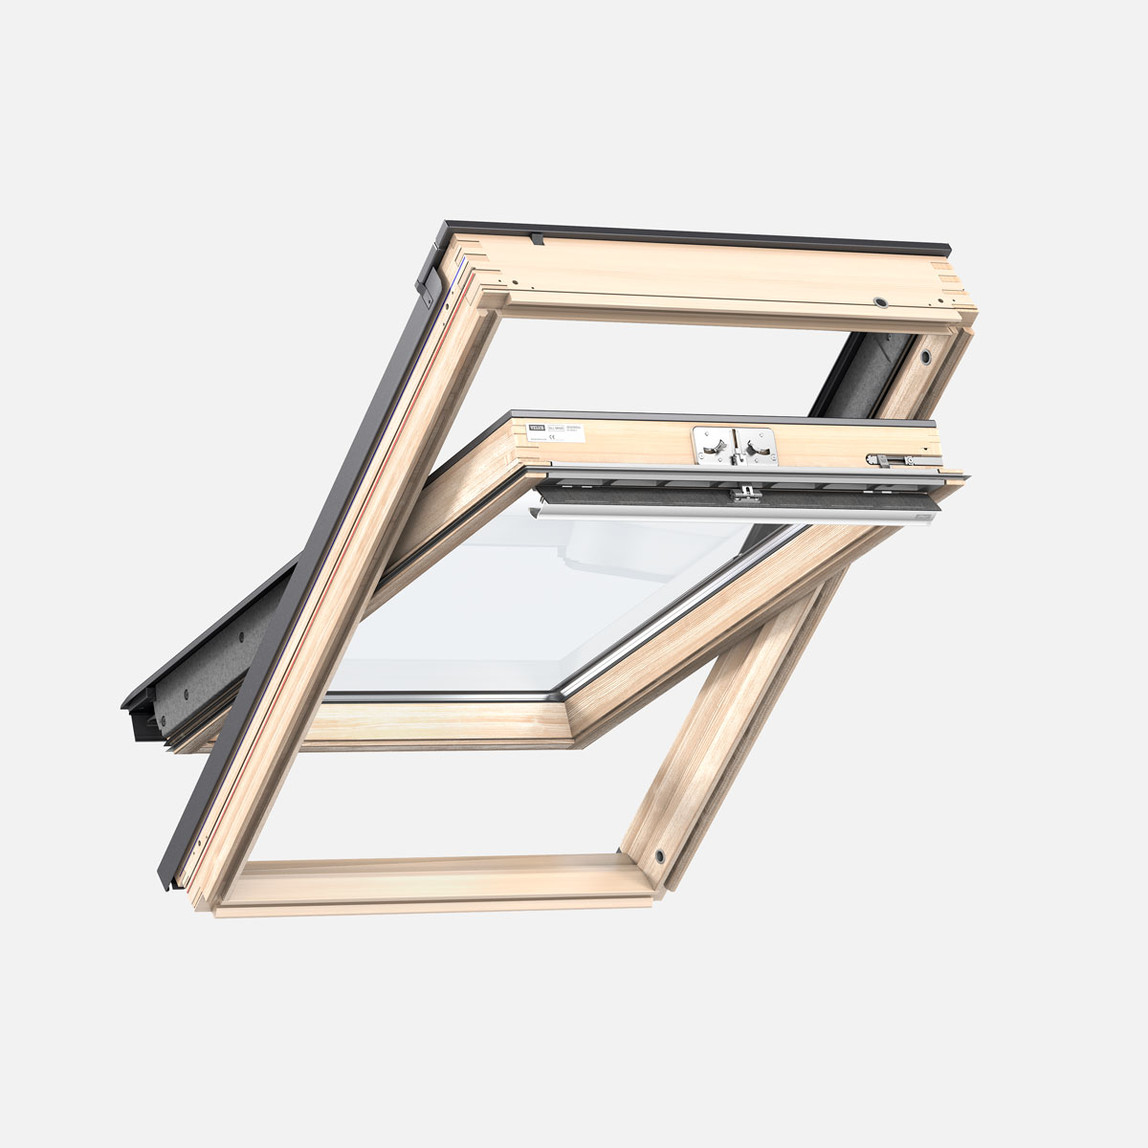 Basıc Ahşap Çatı Penceresi  55x98 cm